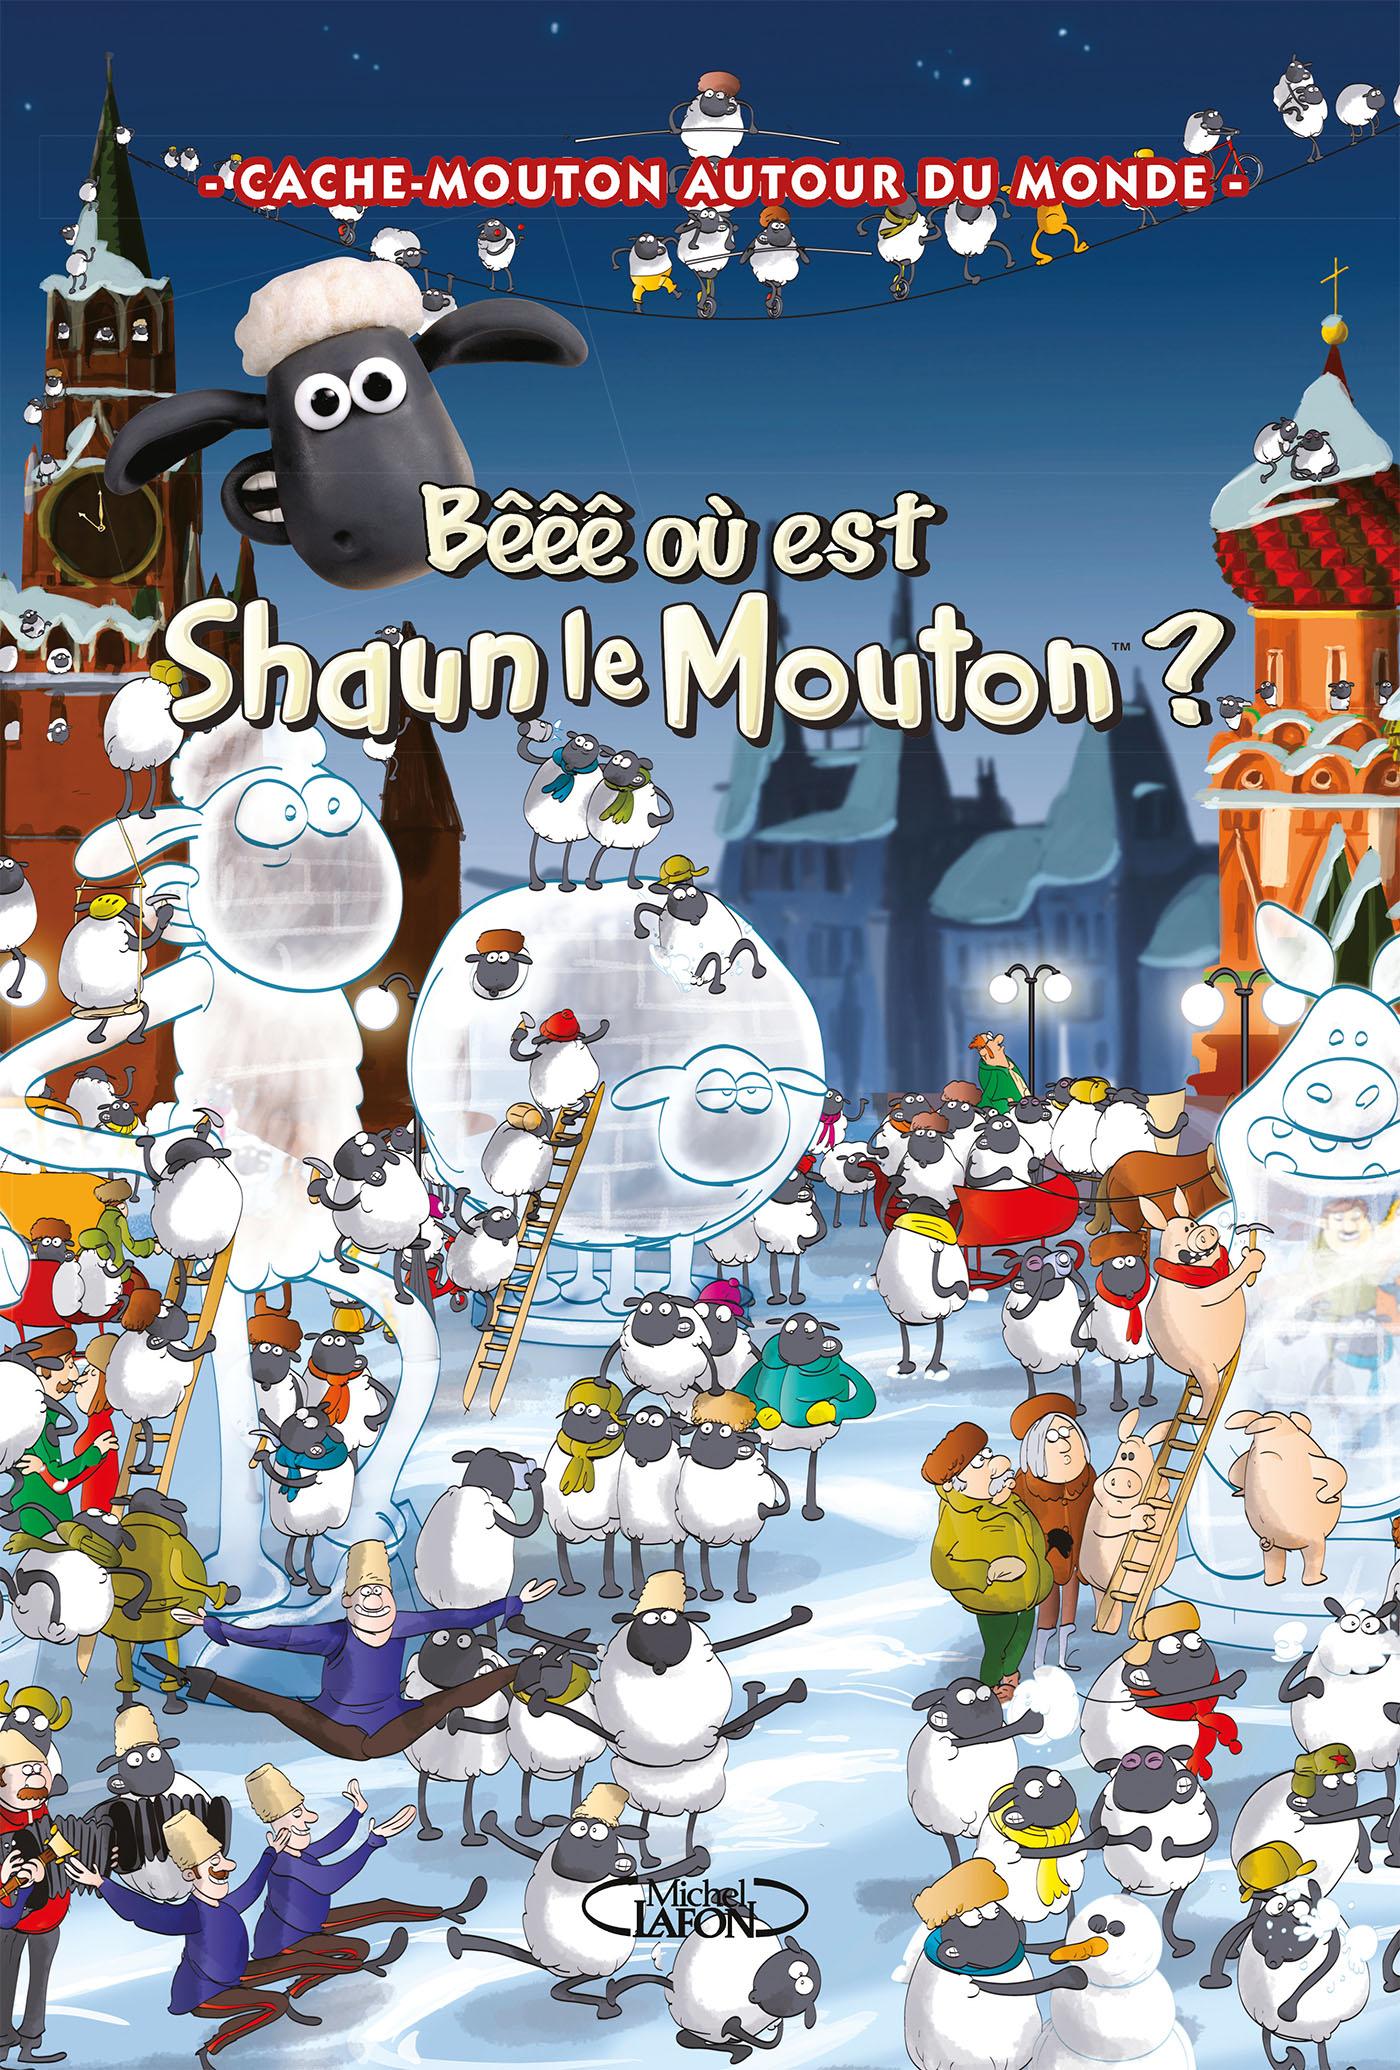 Cache-mouton autour du monde – Bêêê où est Shaun le Mouton